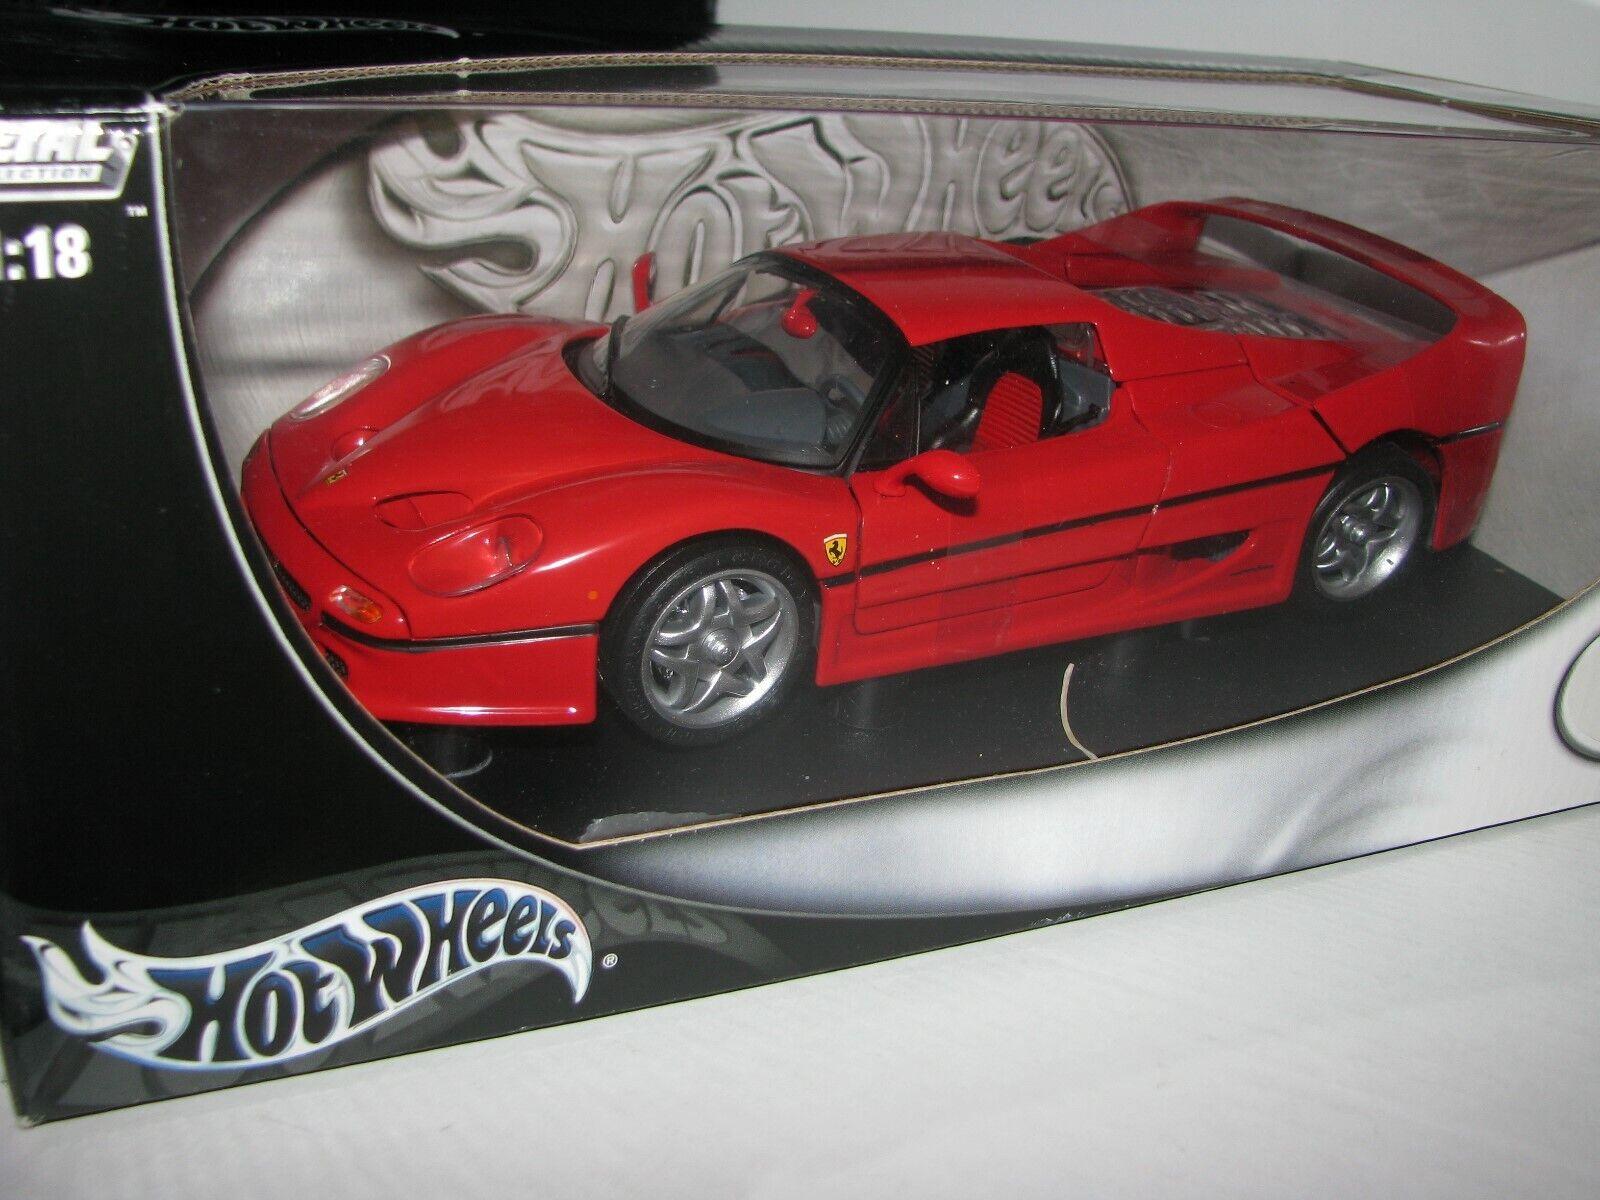 1 18 Hot Wklackar Ferrari F50 röd